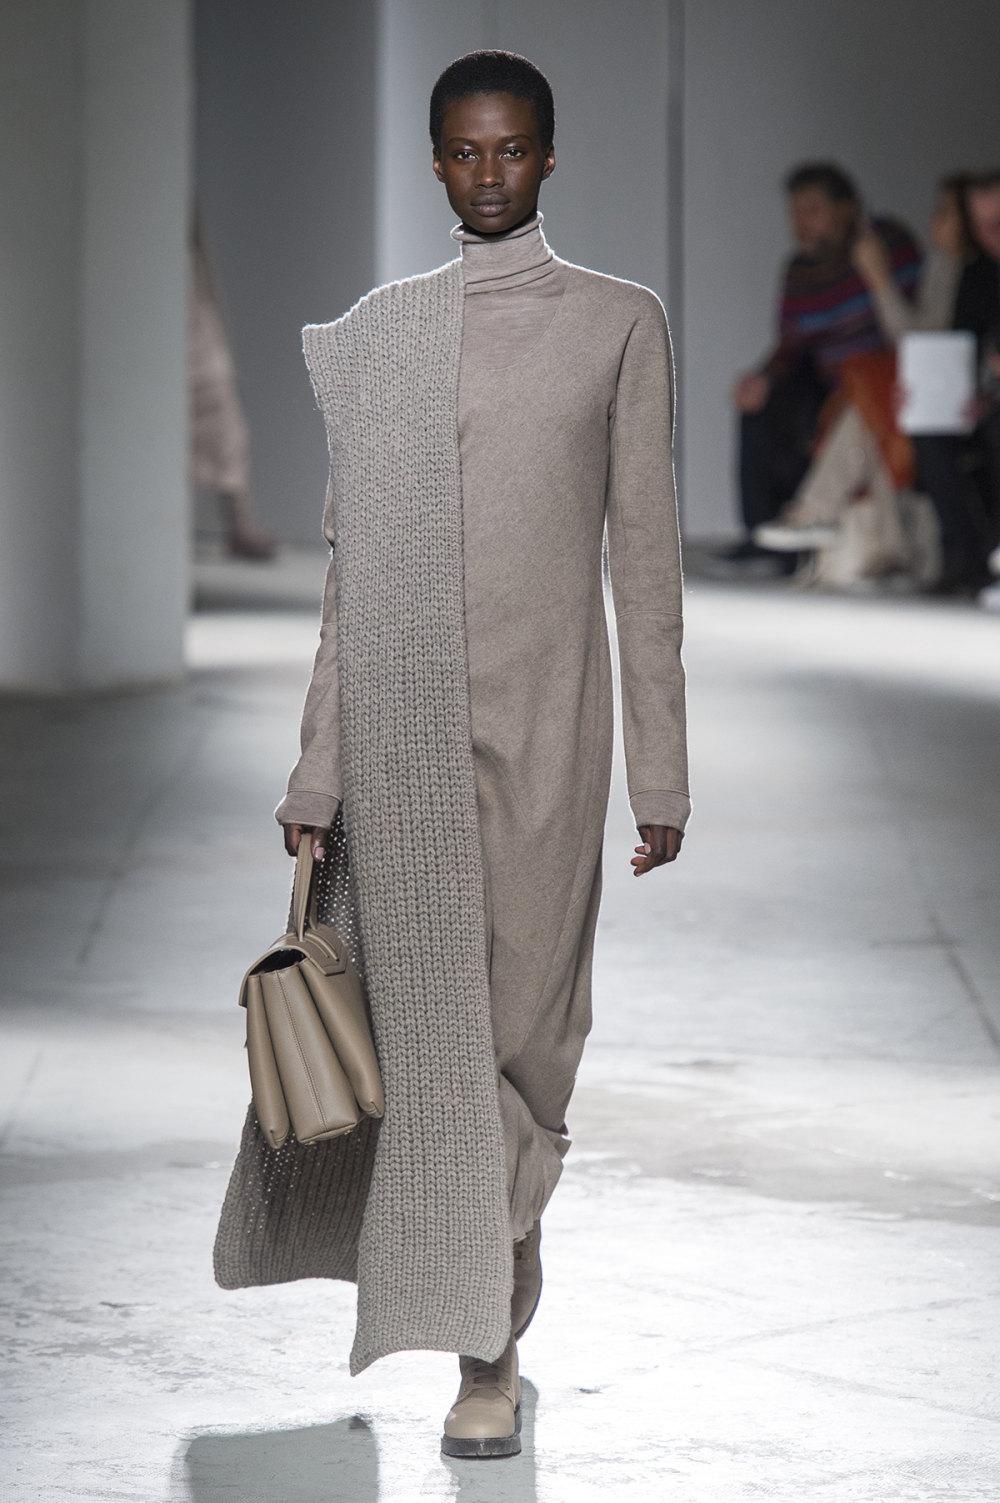 Agnona时装系列有纹理外套长而瘦有些穿着浴袍宽腿裤套装有巧克力-10.jpg